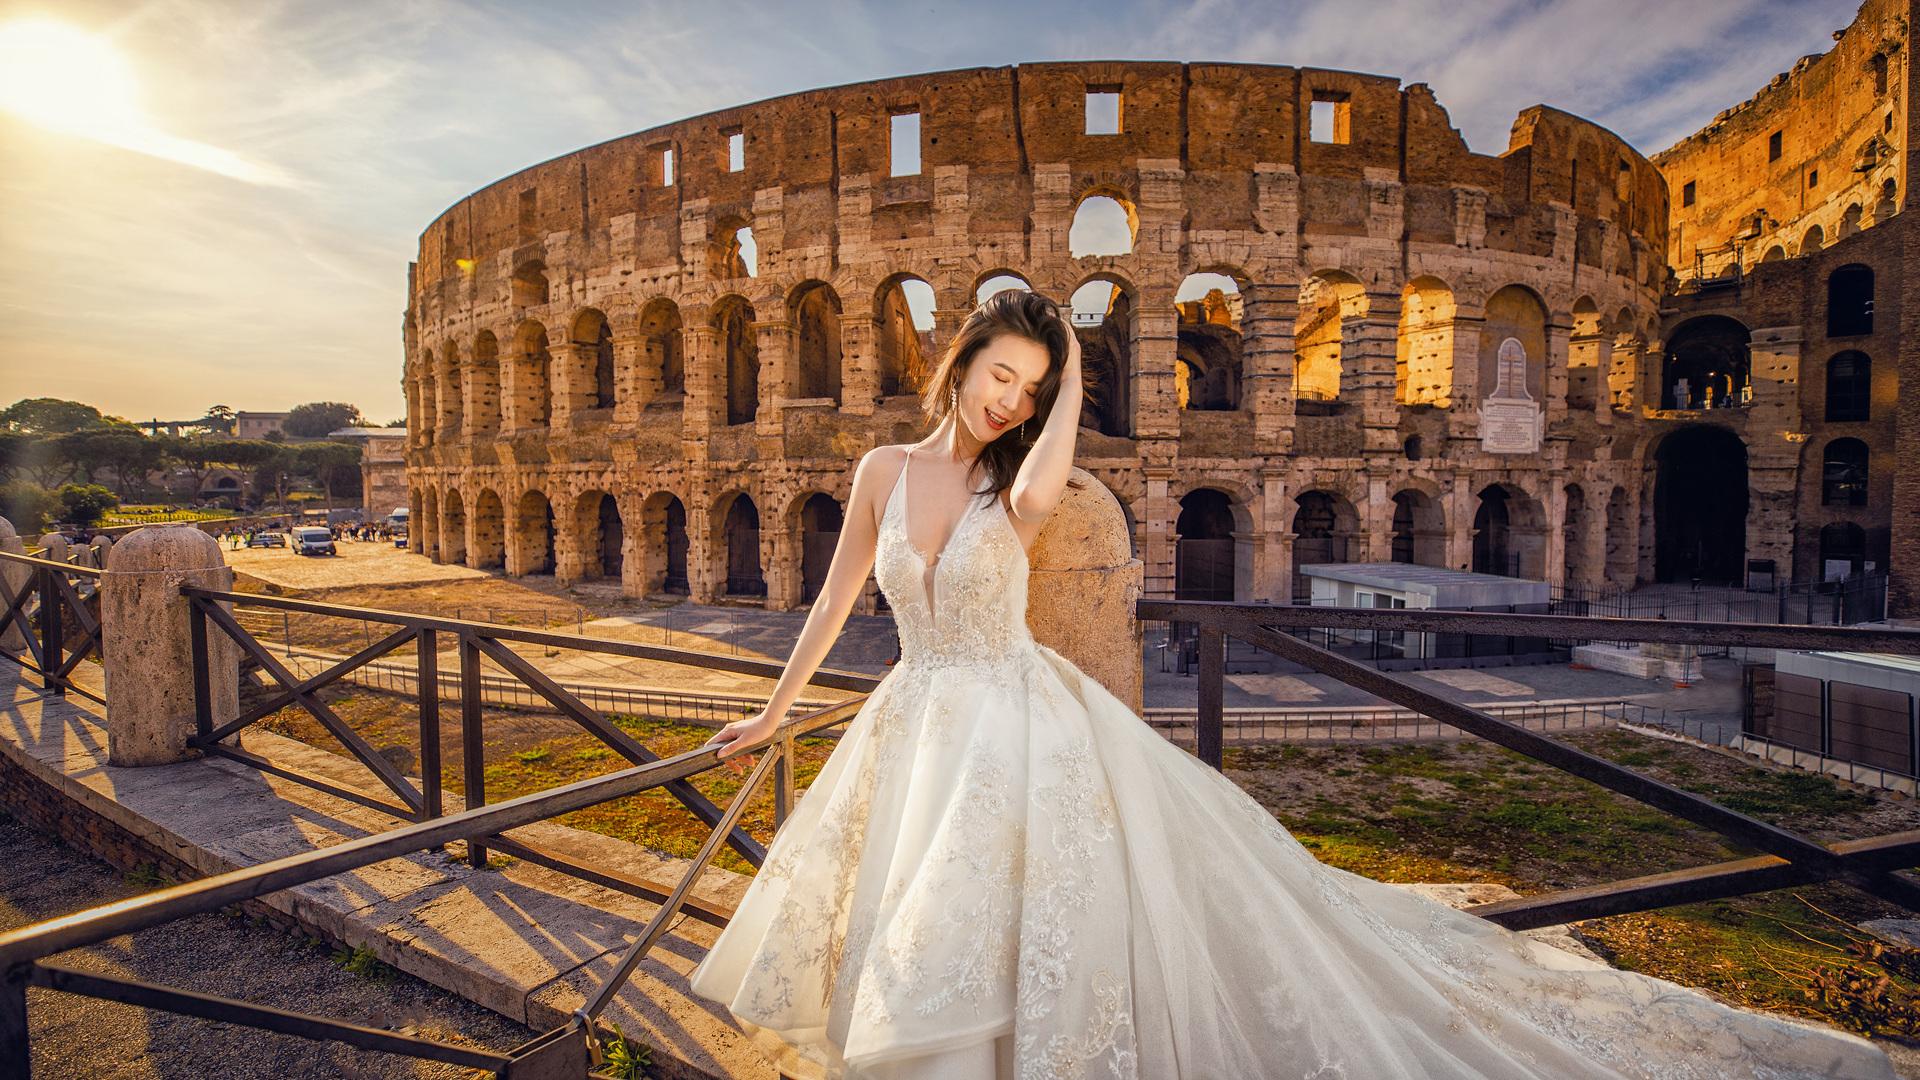 厦门婚纱摄影机构怎么选择,婚纱照哪家好?